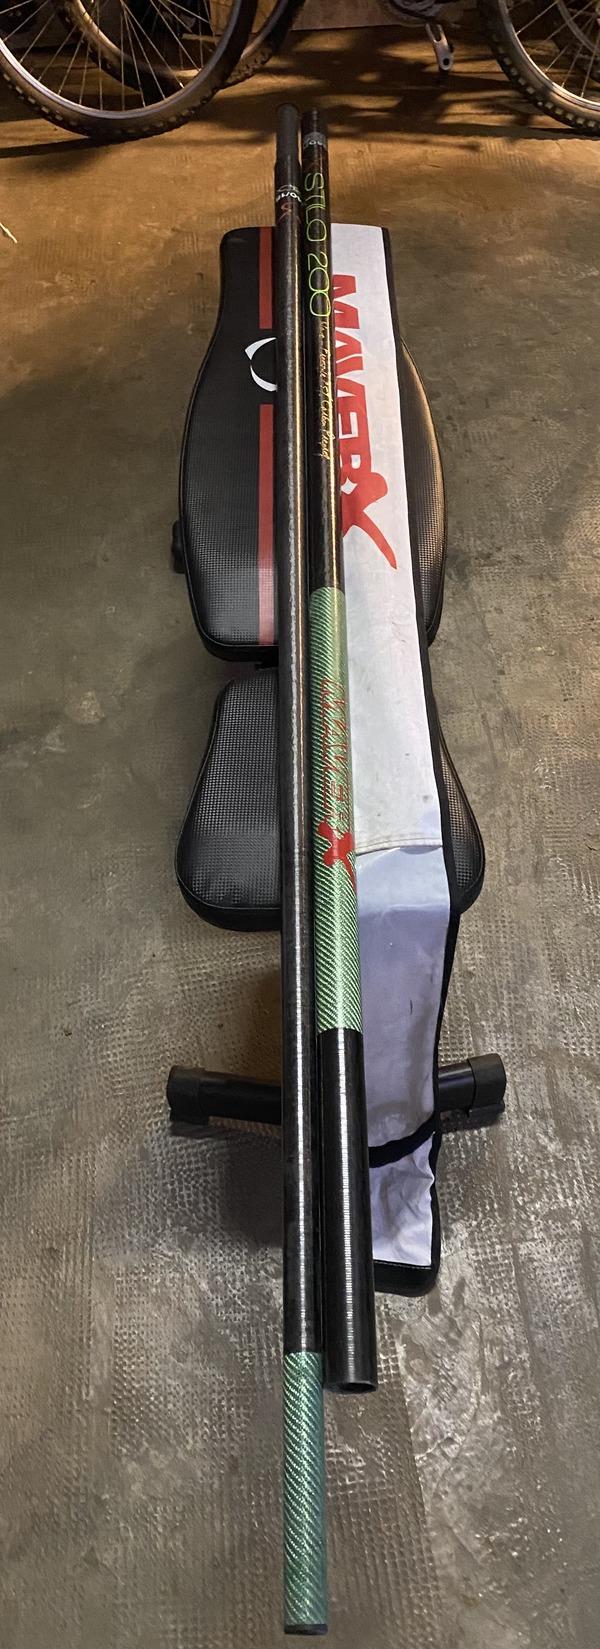 Maverx - STILO 288 - 340cm